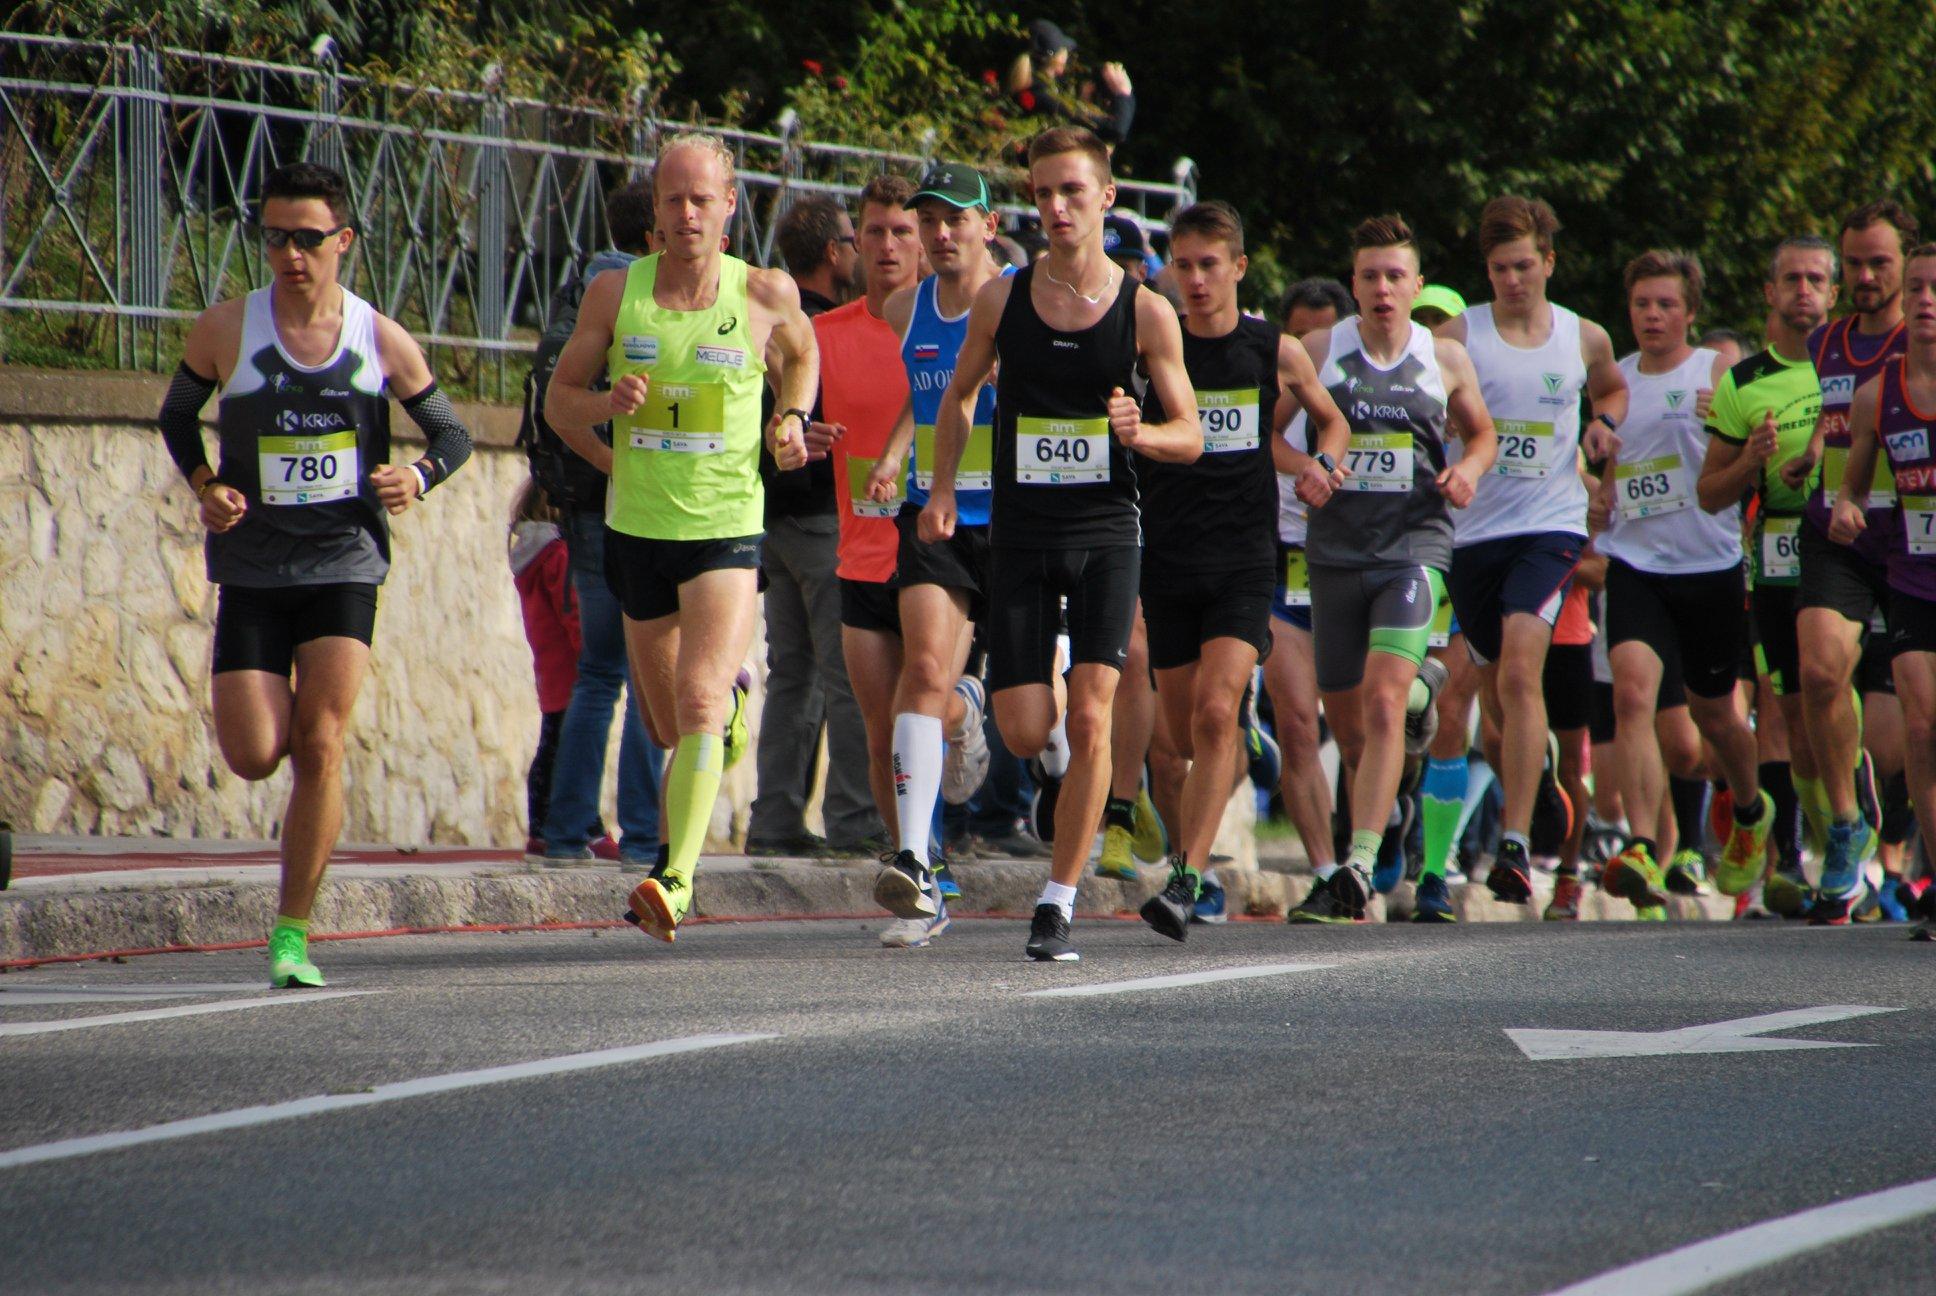 Krevs na Novomeškem pol maratonu ubranil lansko zmago, med ženskami najhitrejša madžarska olimpijka Tunde Szabo